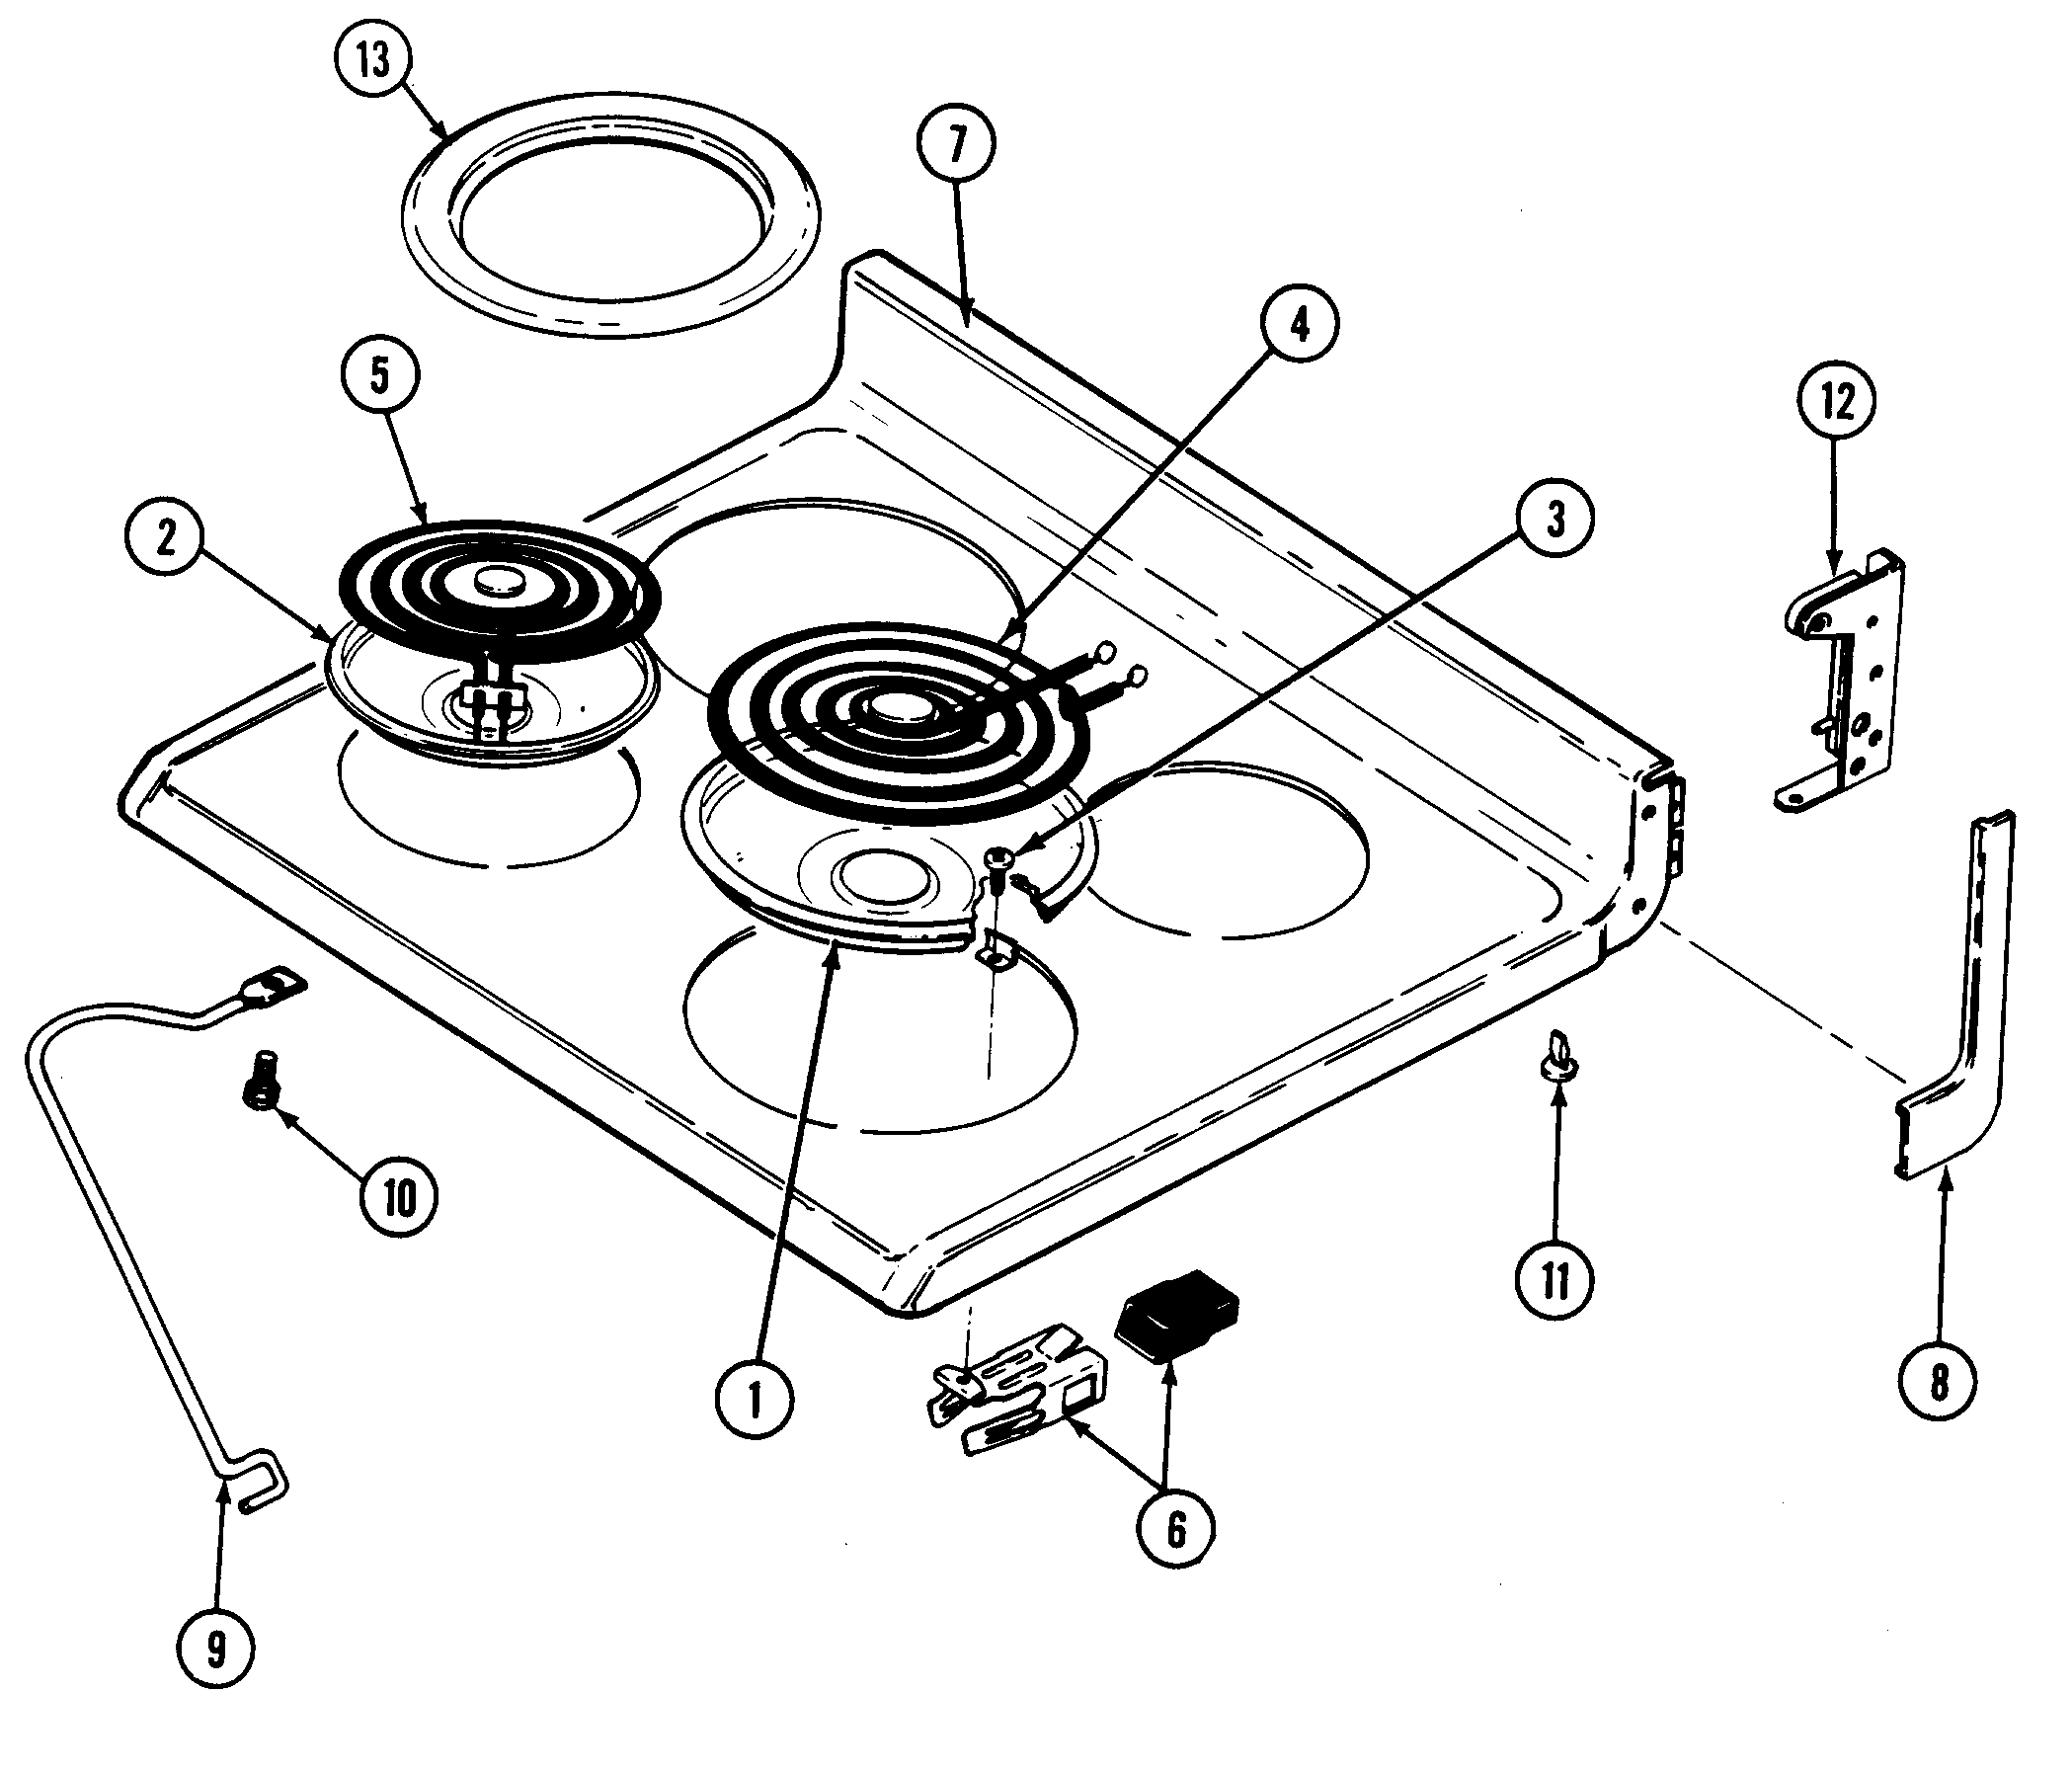 Stove Maytag Stove Parts